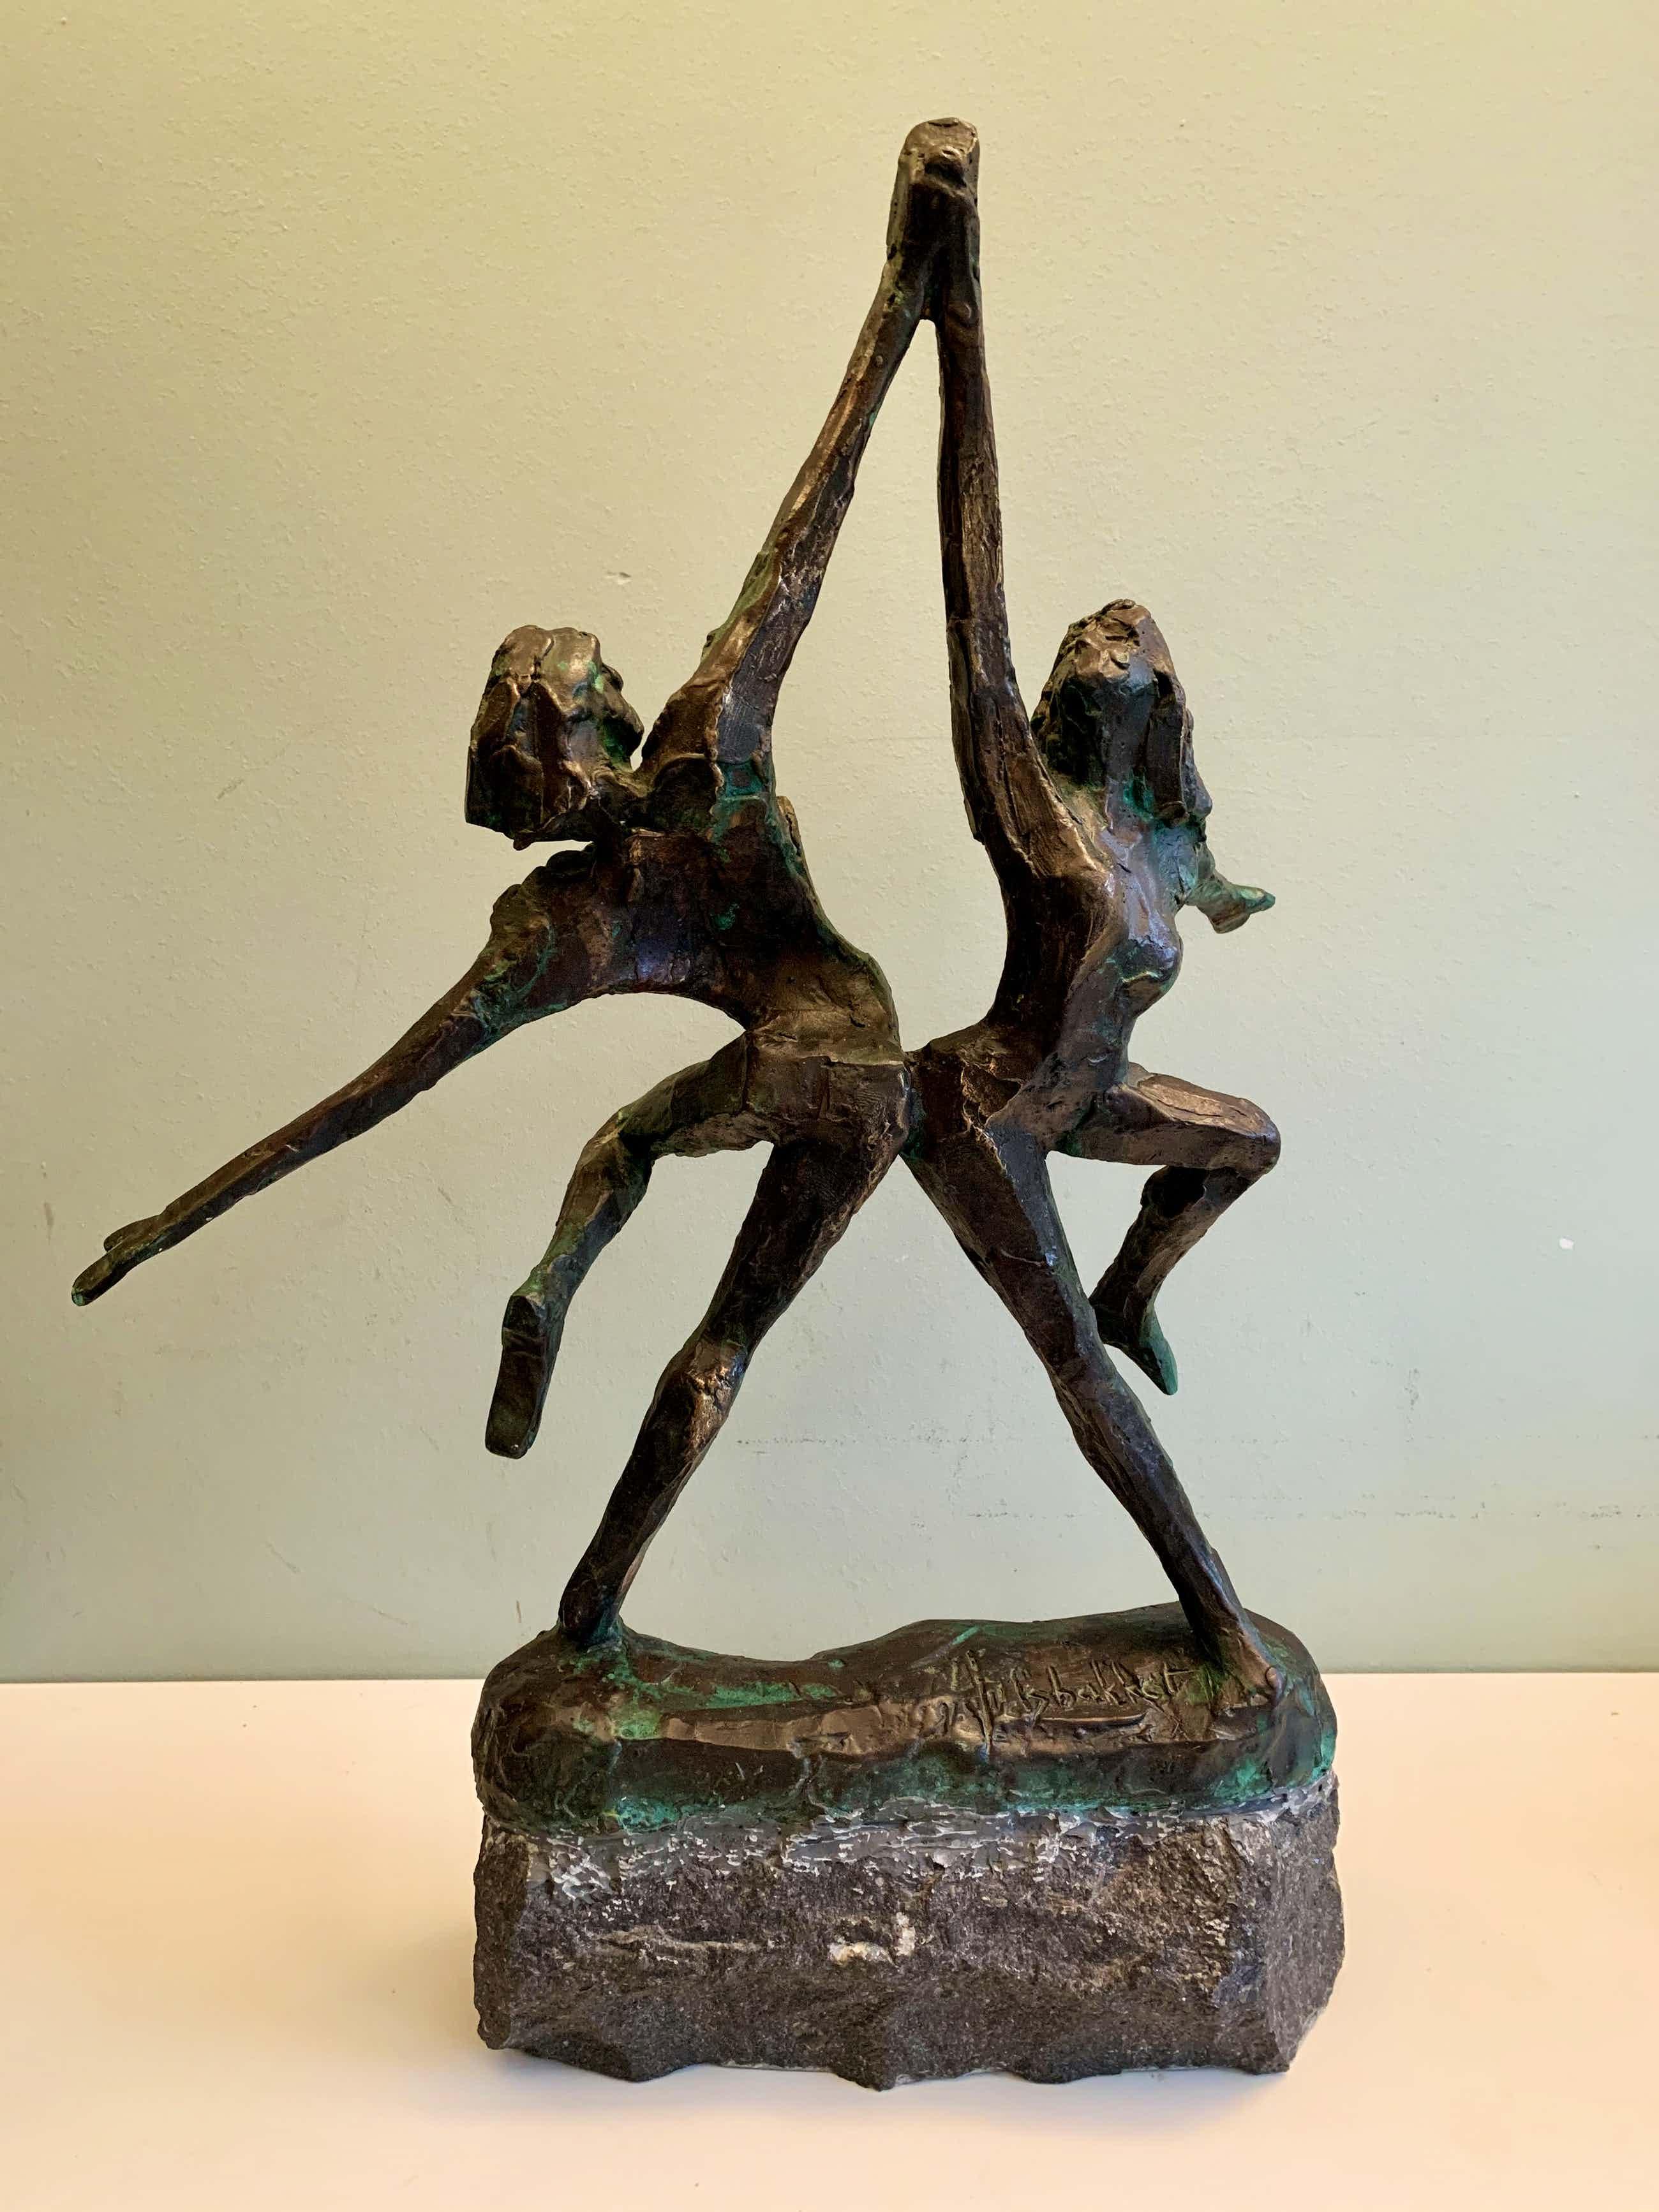 Jits Bakker - Dansend stel / dansende man en vrouw kopen? Bied vanaf 800!